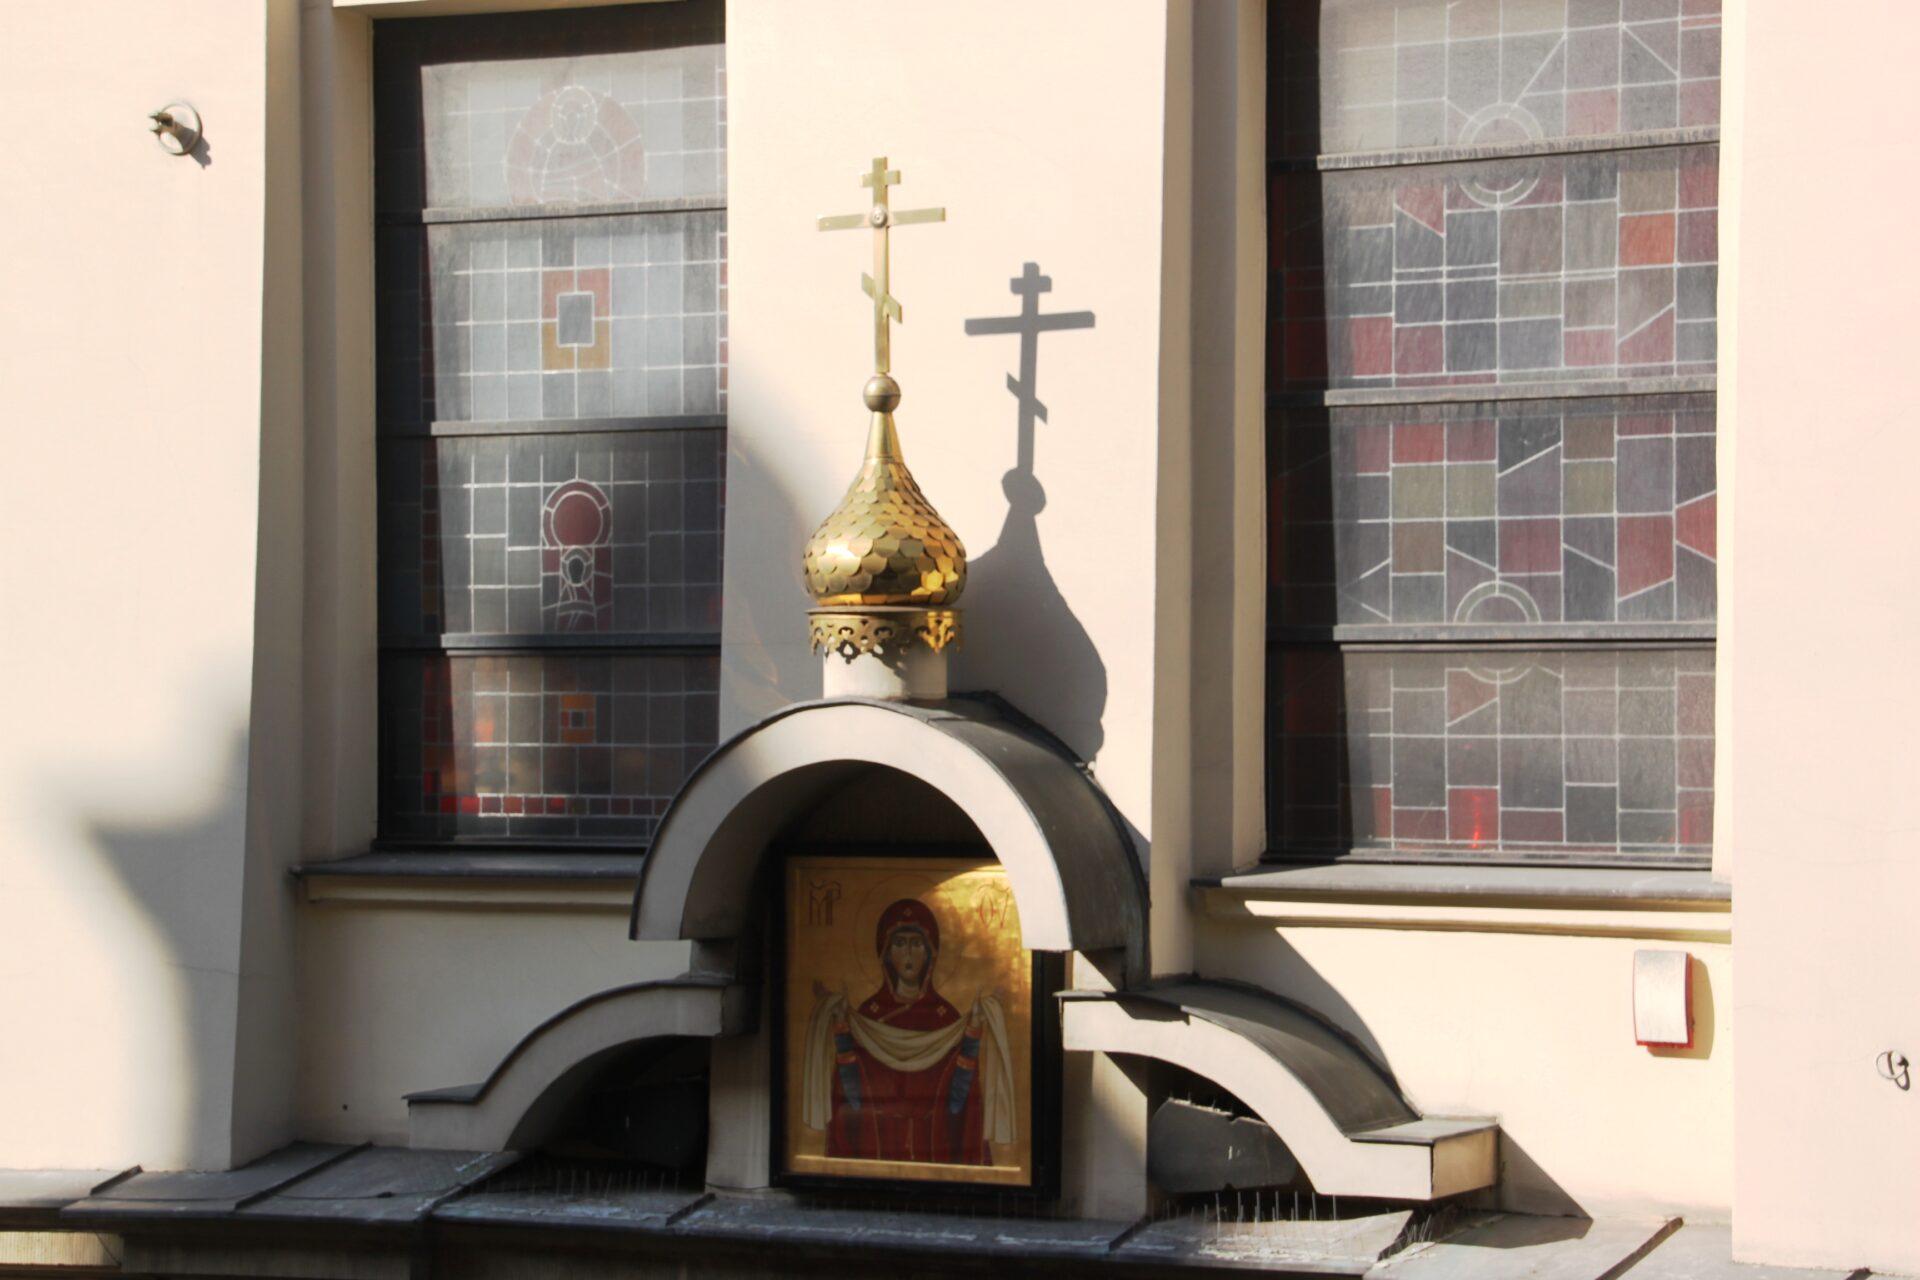 CERKIEW PRAWOSŁAWNA PW. ZAŚNIĘCIA NMP W KRAKOWIE, fot. J. Nowostawska-Gyalókay (MIK, 2015) CC BY SA 3.0